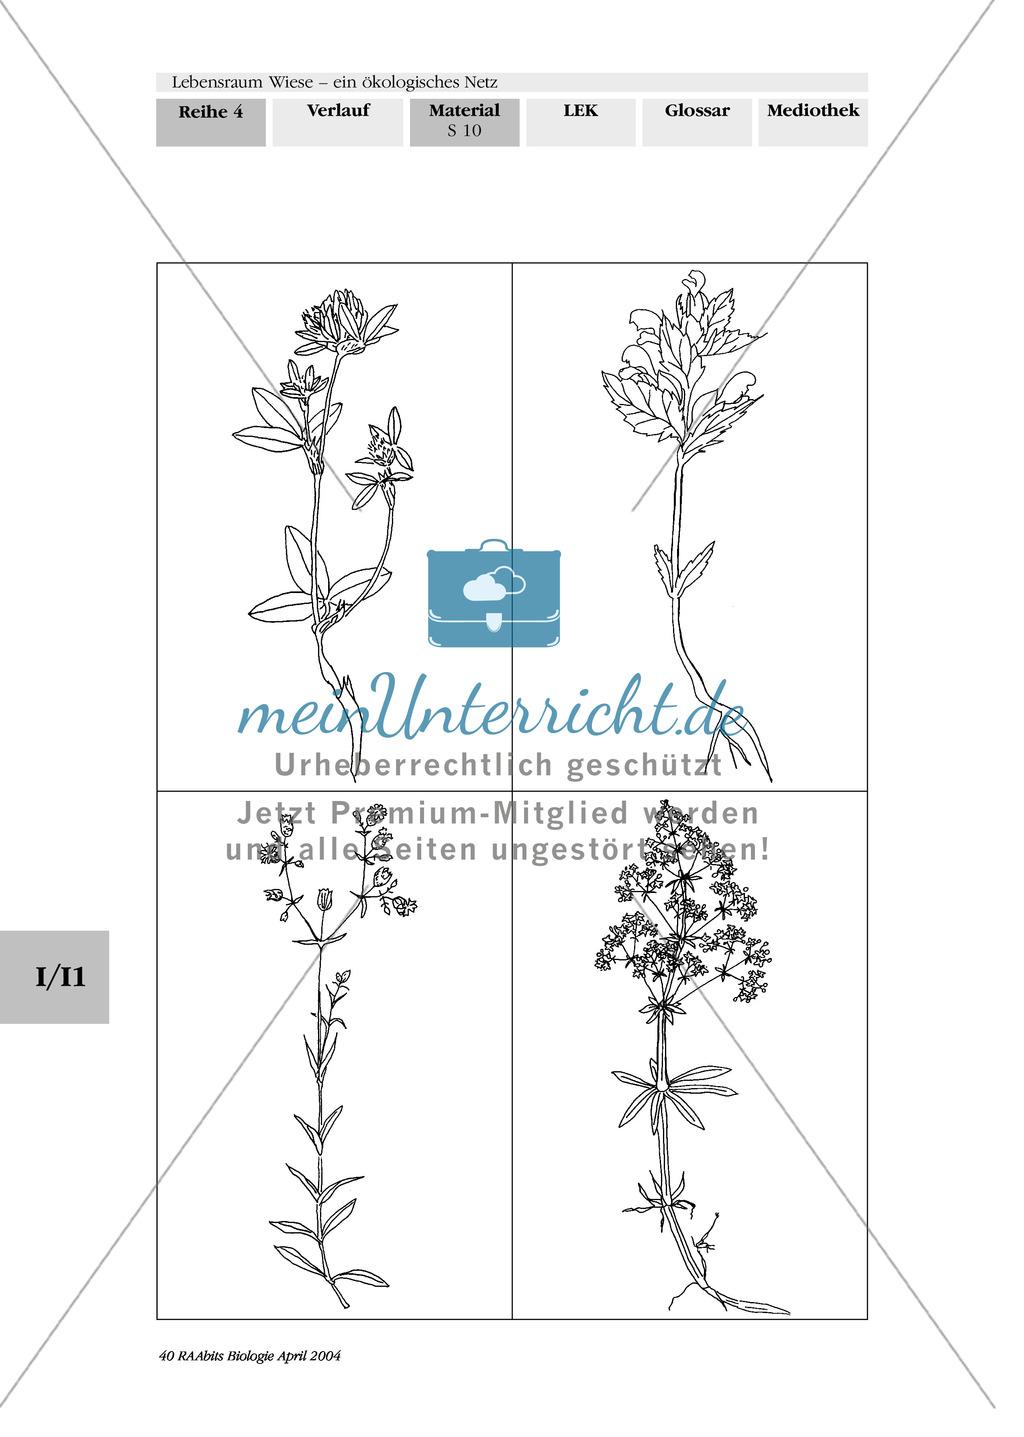 Lebensraum Wiese: Das ökologische Netz einer Wiese - Text- und Bildkarten Preview 6